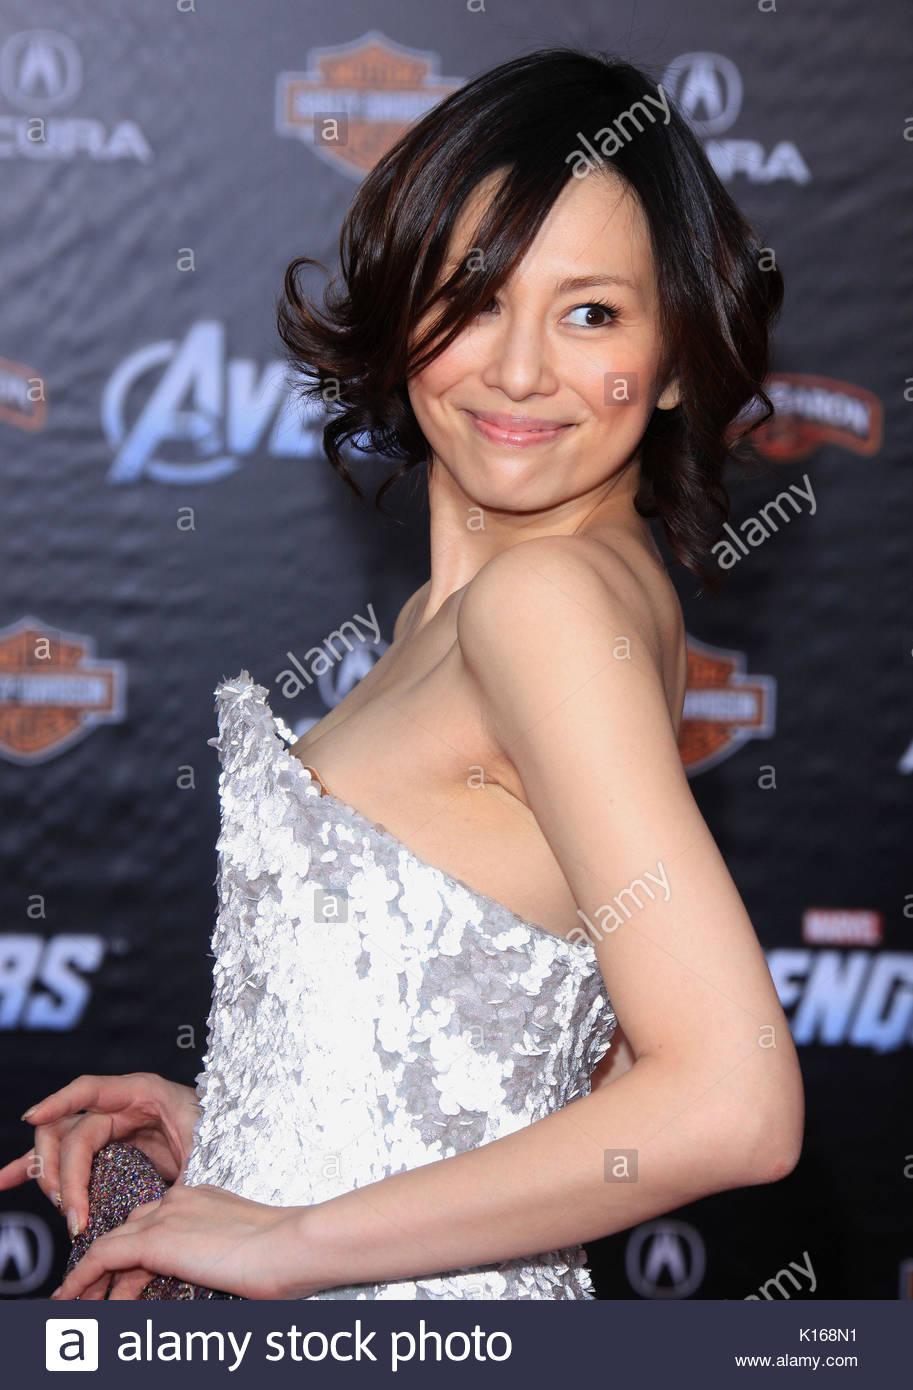 Ryoko Yonekura The Avengers Stock Photos & Ryoko Yonekura ...